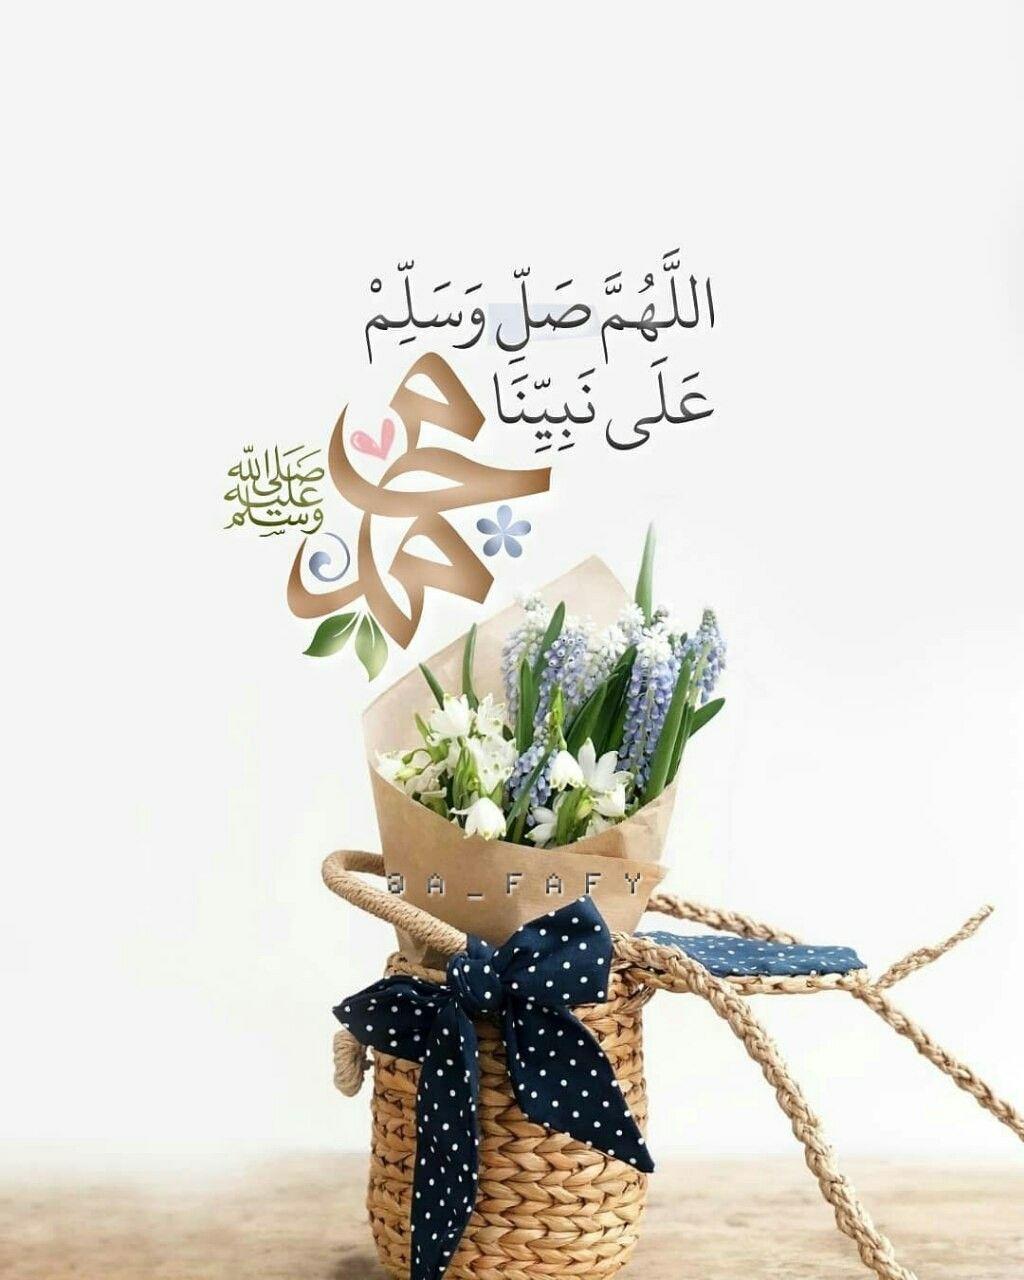 اللهم صل وسلم وبارك على سيدنا محمد وآل محمد يوم عرفة Islamic Quotes Wallpaper Islamic Images Islamic Posters